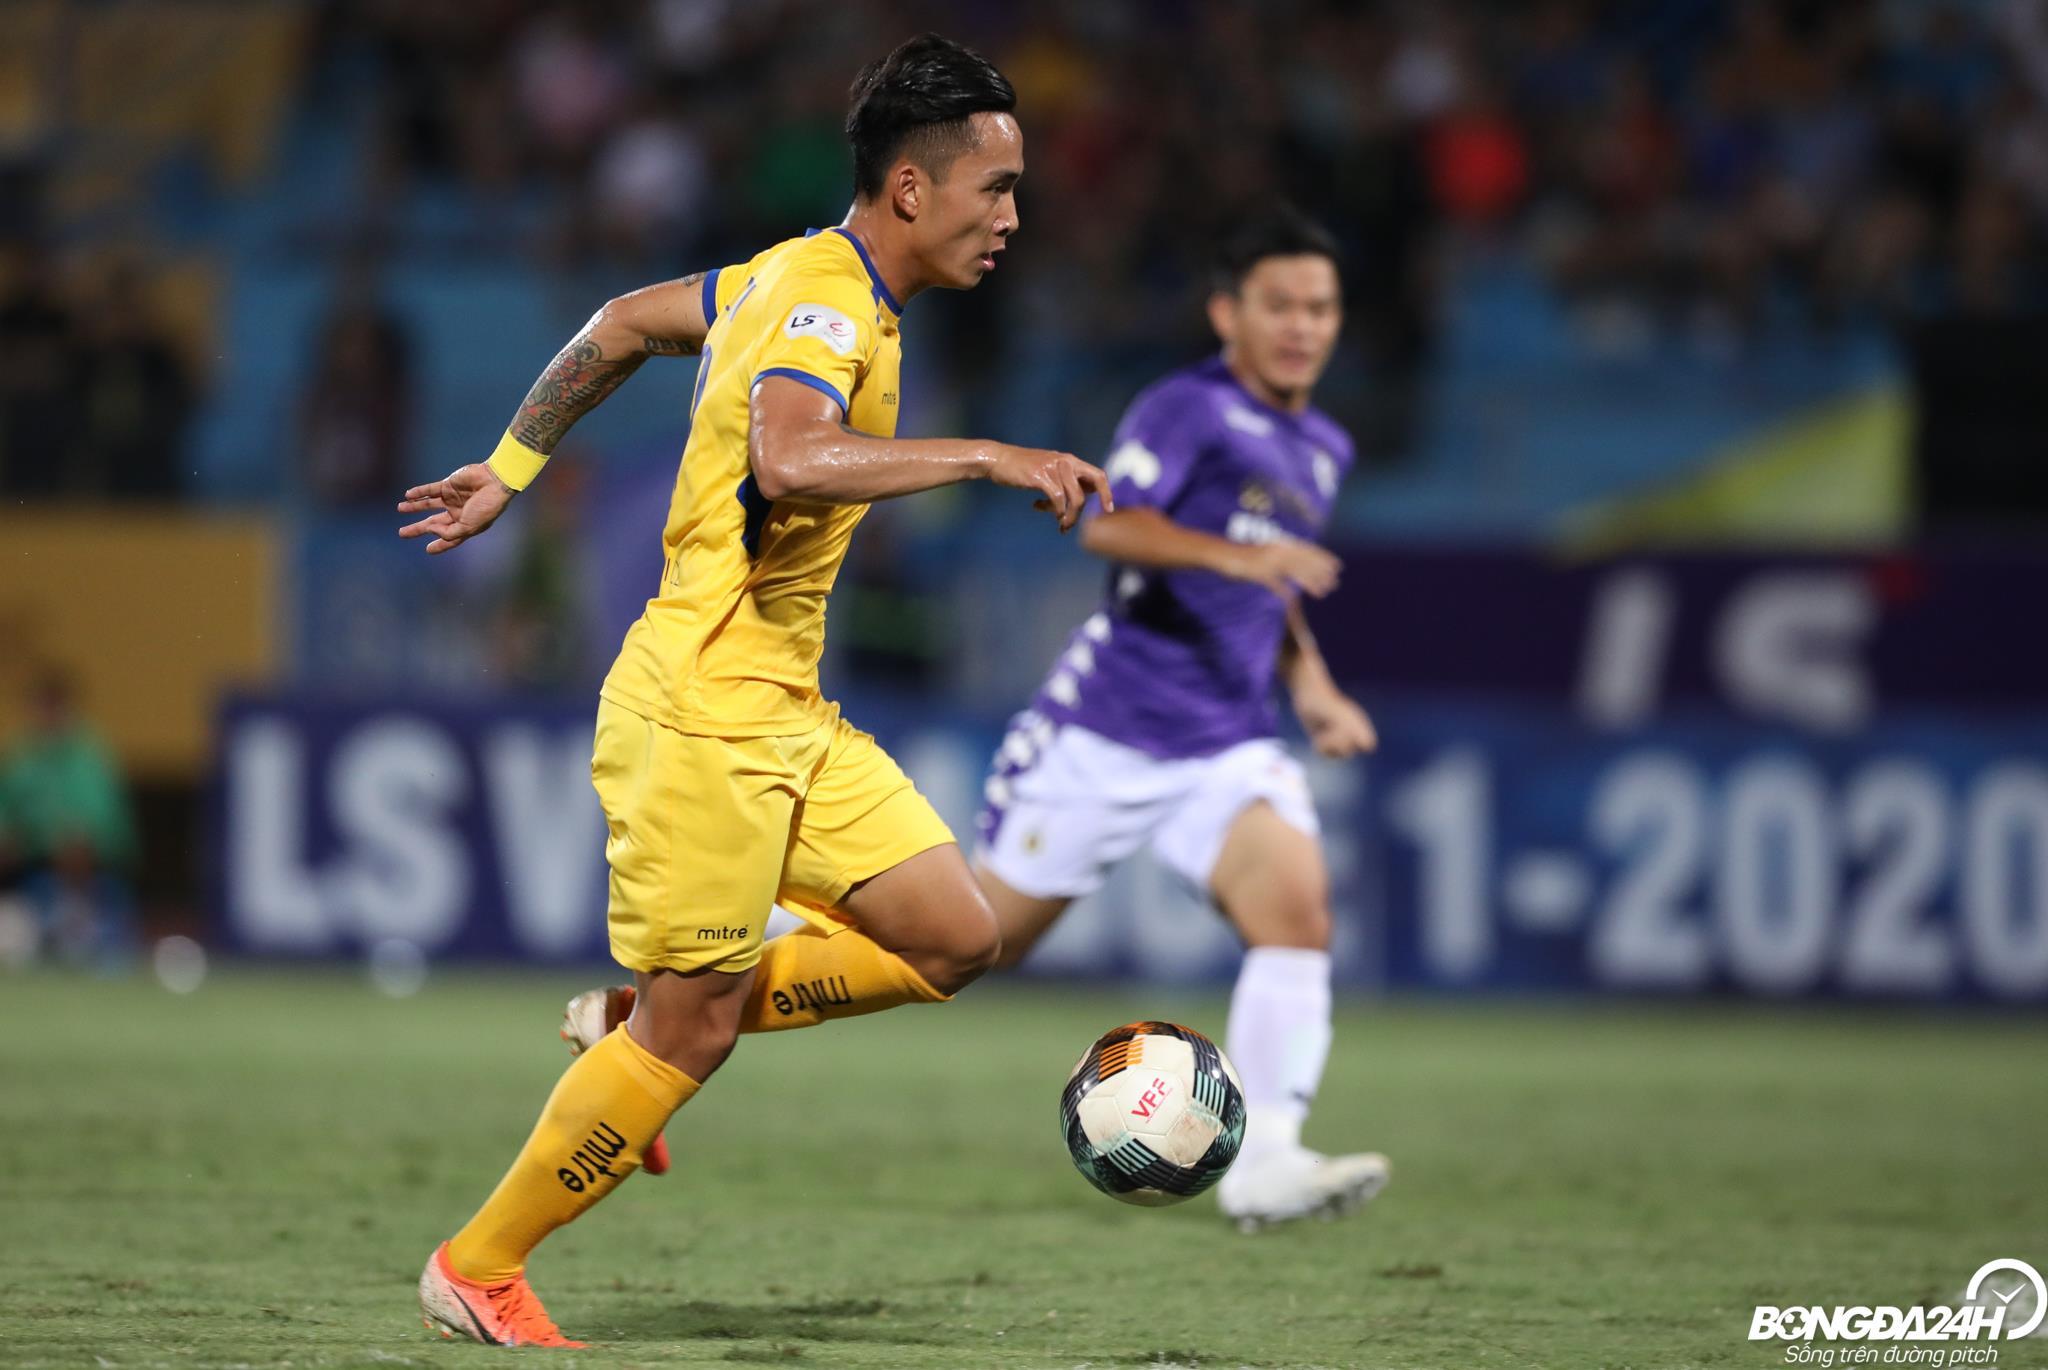 Cựu tuyển thủ U23 Việt Nam đau đớn khi bị dẫm vào cổ chân